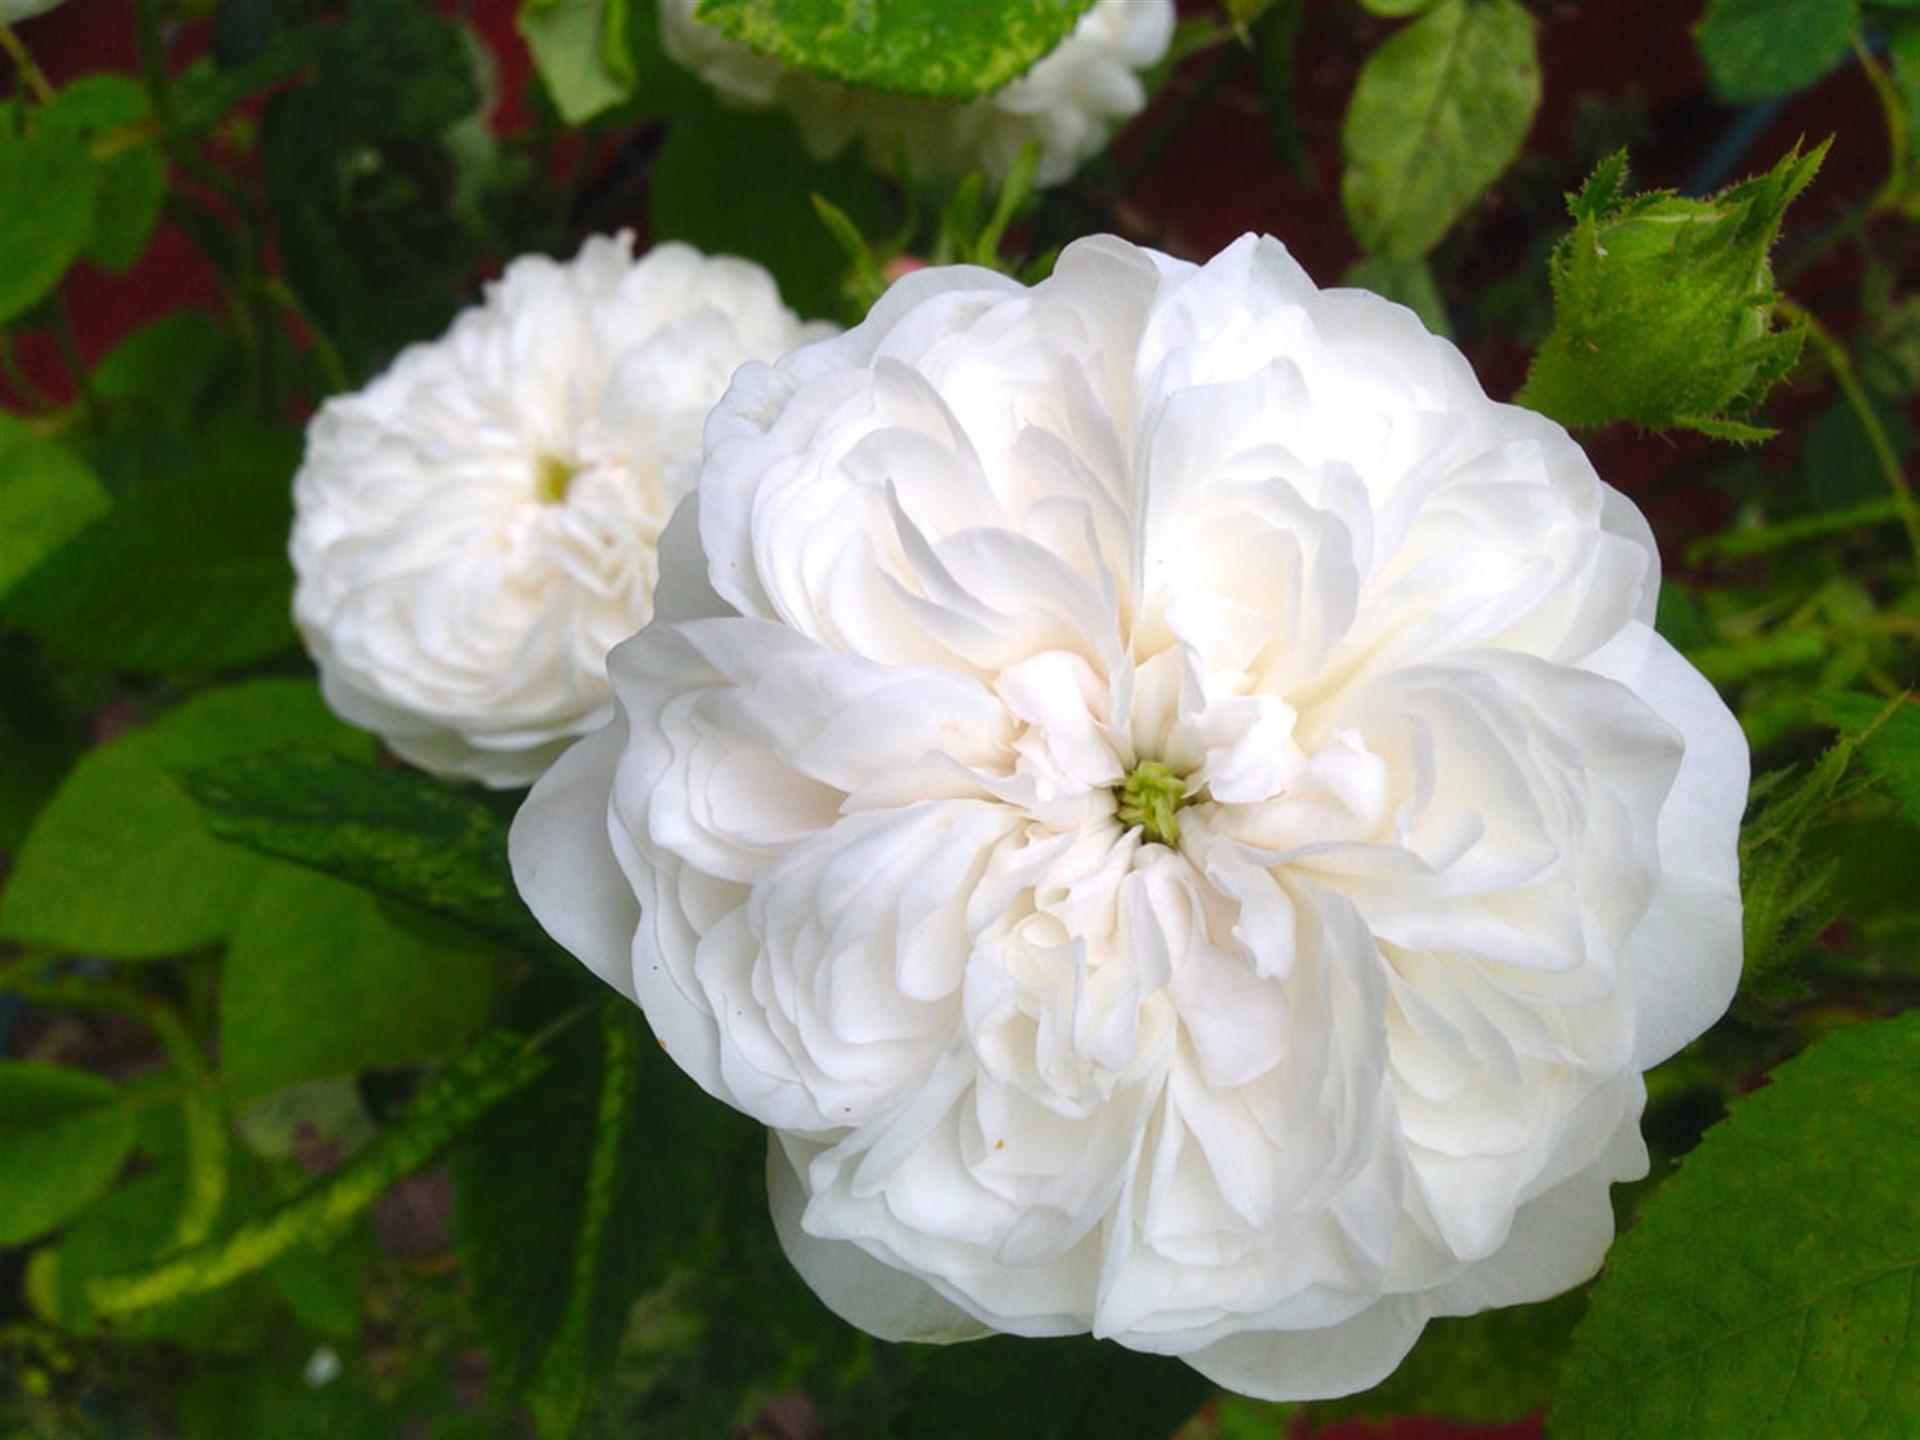 Den otroligt vackra gammaldags rosen som dessutom doftar gudomligt (säljarens sommarbild)